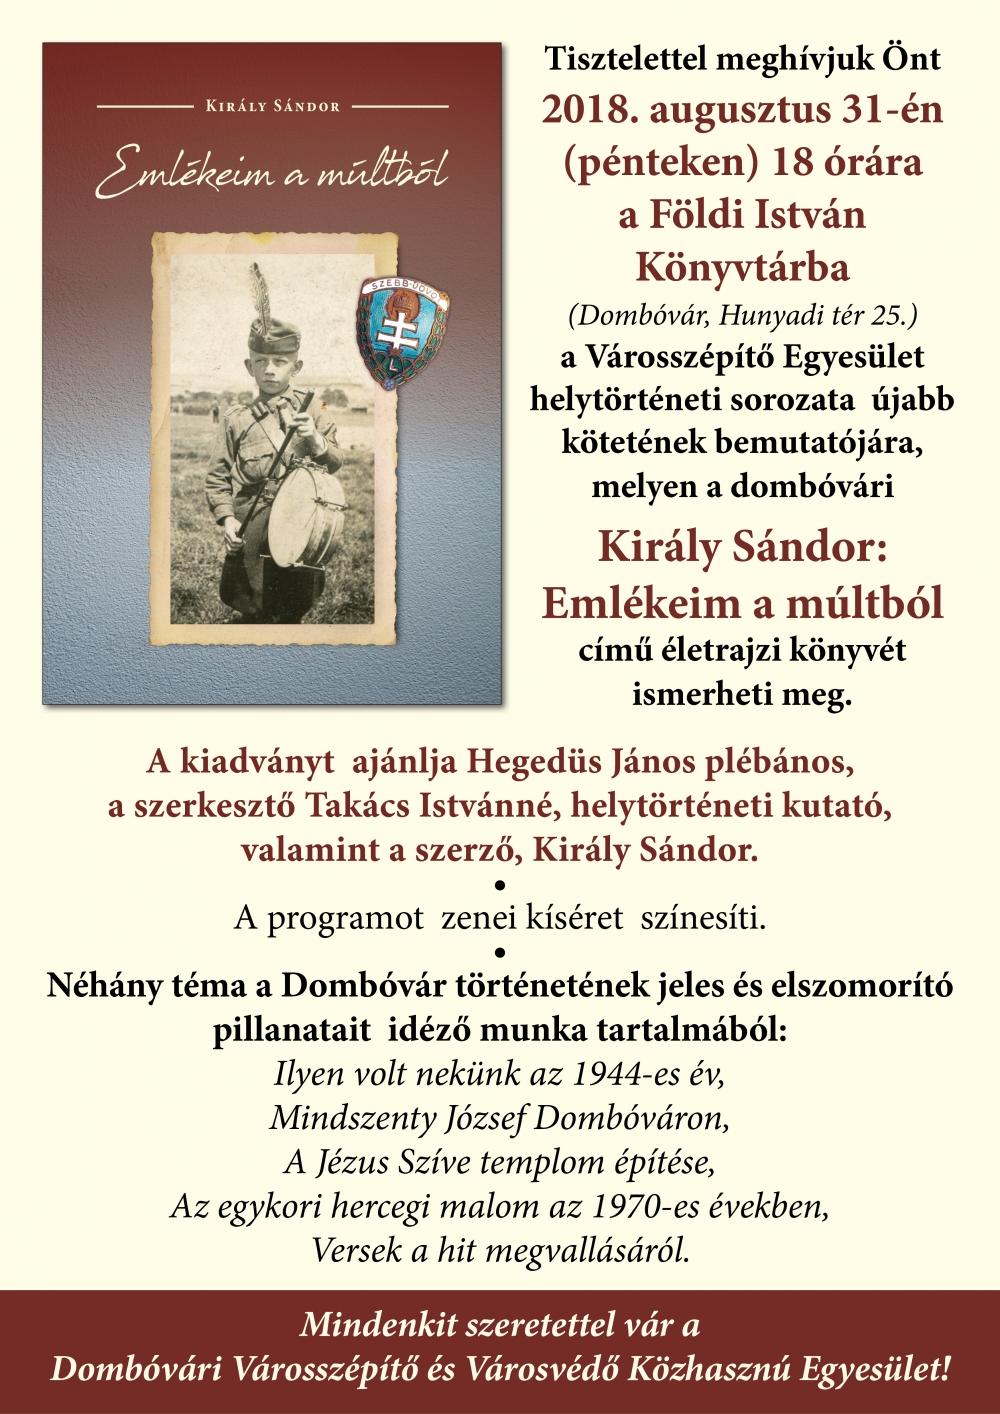 Könyvbemutató a Földi István Könyvtárban